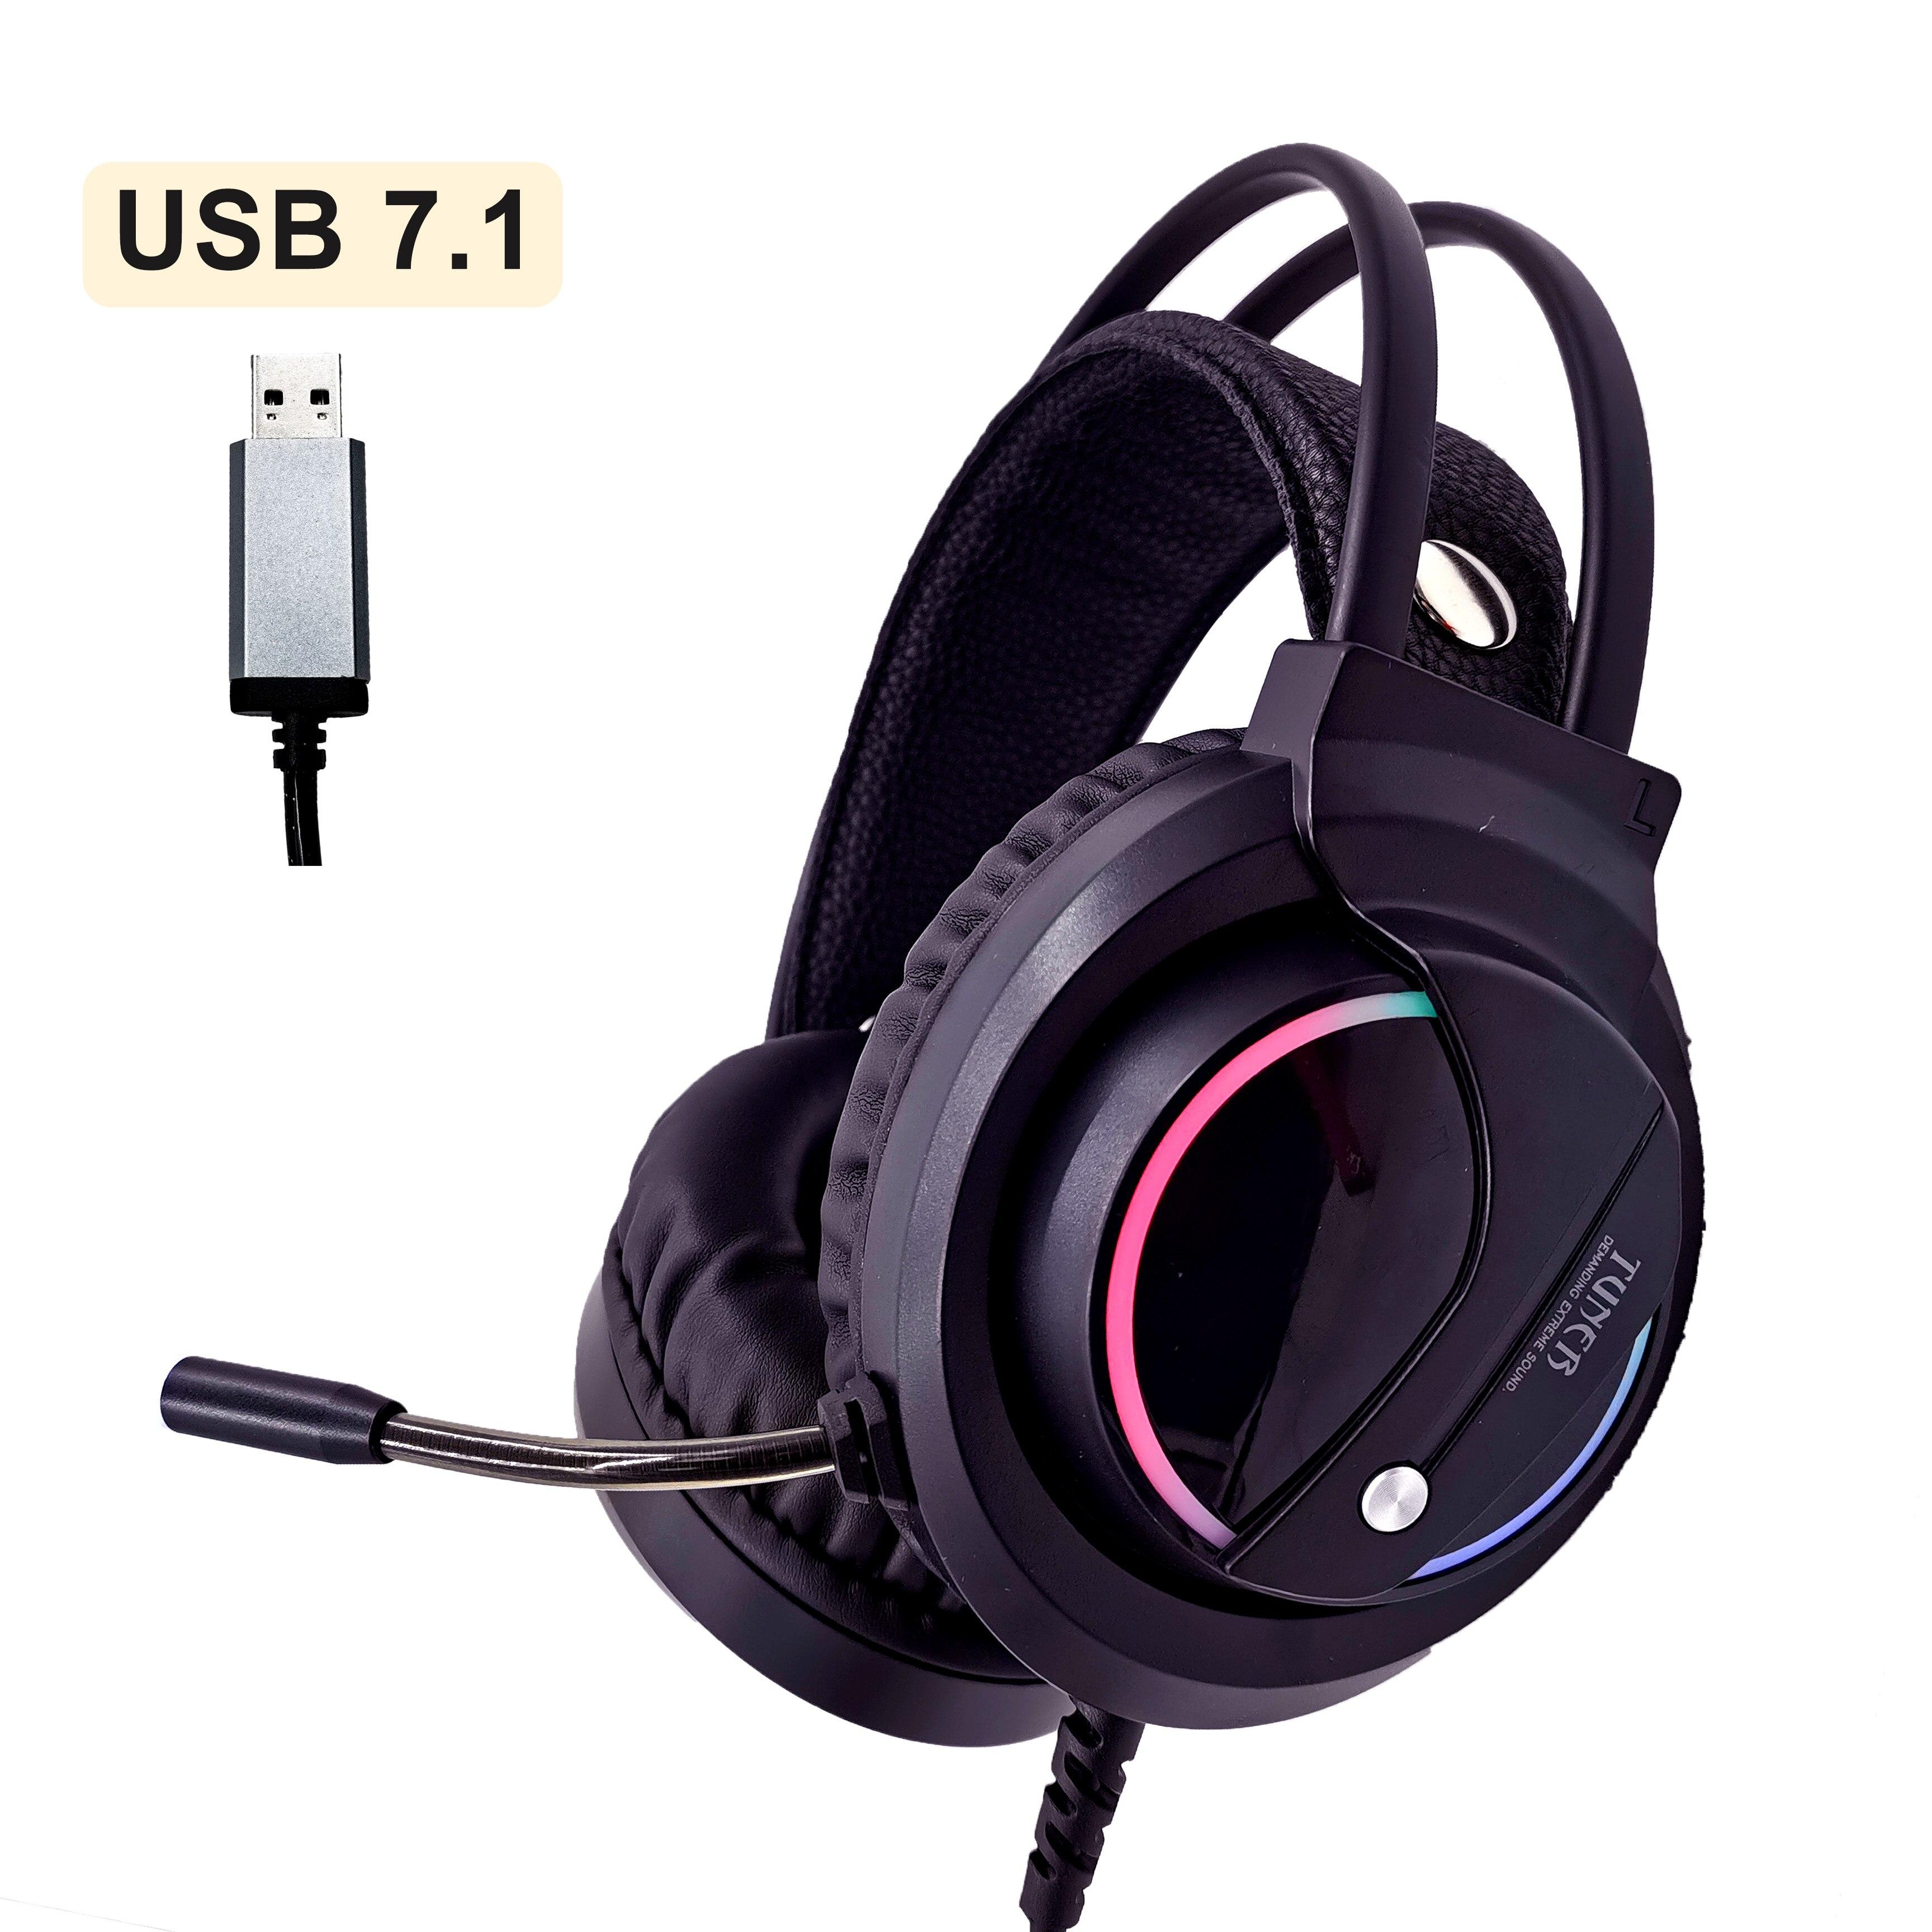 Auriculares para juegos de música sonido envolvente con micrófono auriculares USB 7,1 y con cable RGB luz trasera auriculares para juegos alta calidad de sonido